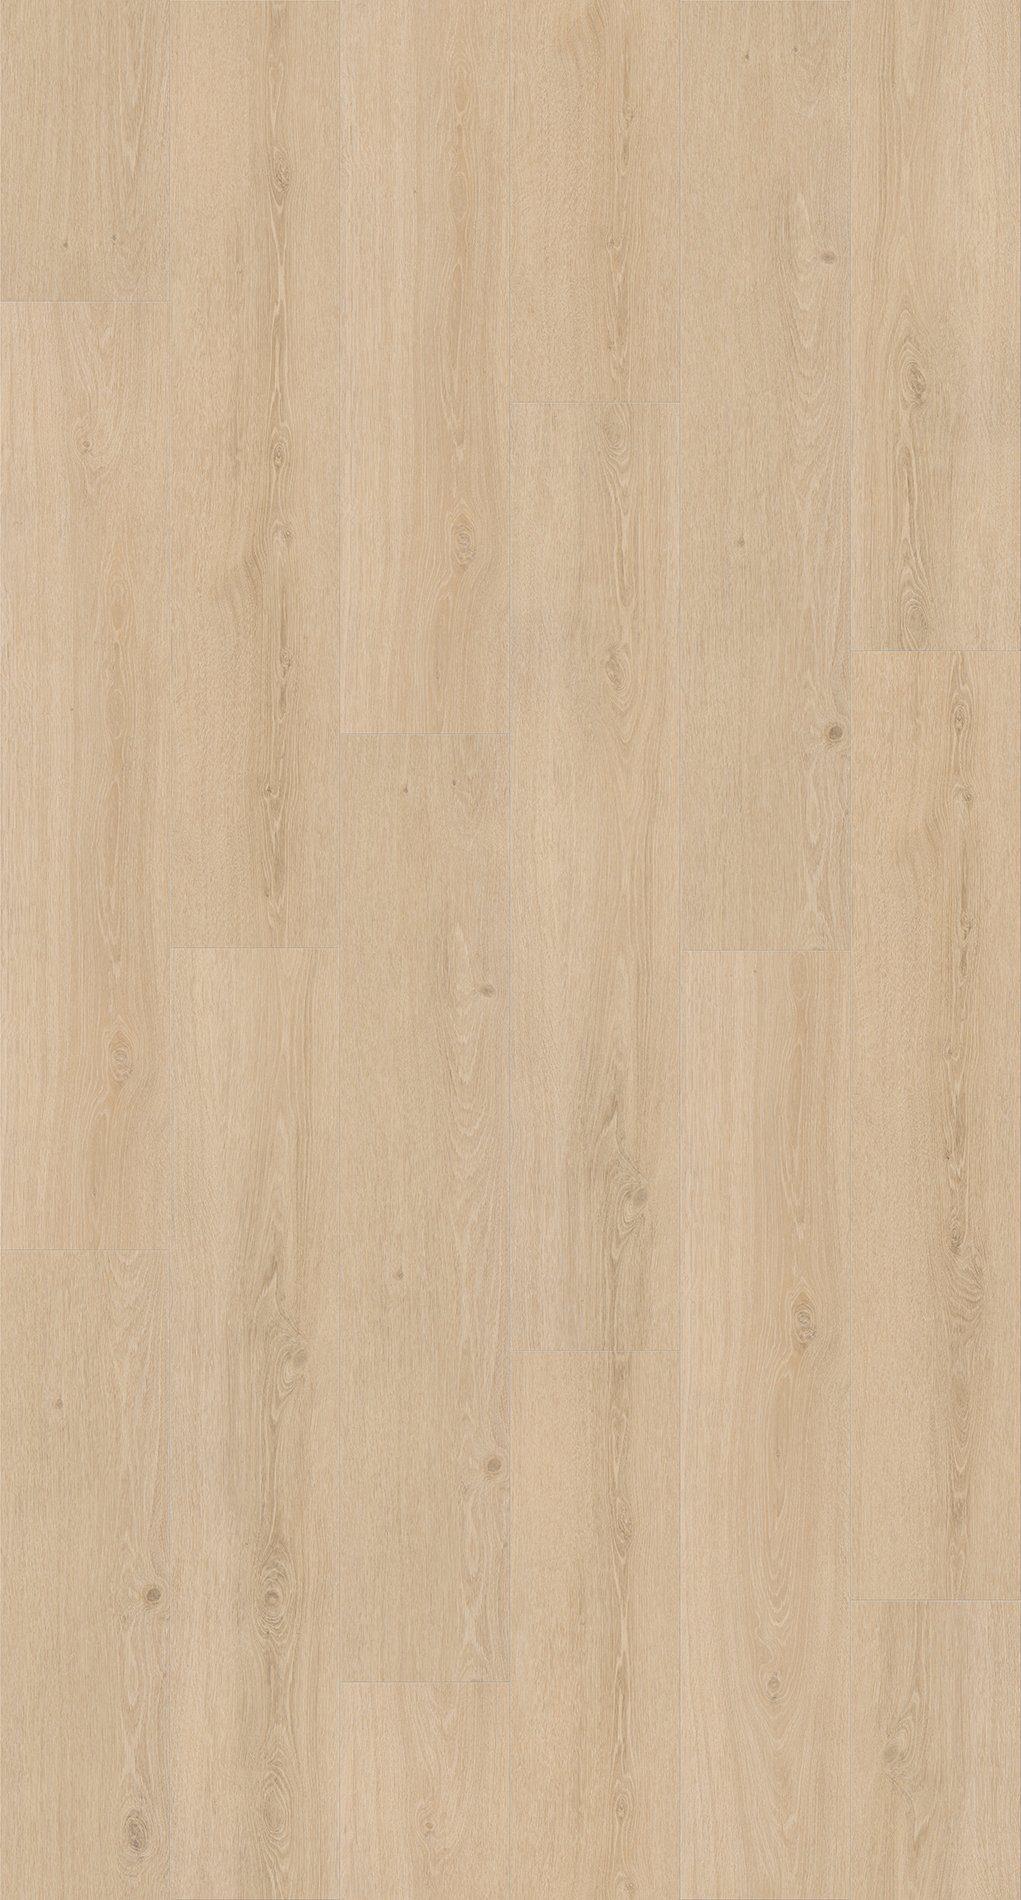 PARADOR Packung: Vinylboden »Basic 2.0 - Eiche Studioline geschliffen«, 1230 x 229 x 2 mm, 4,5 m²